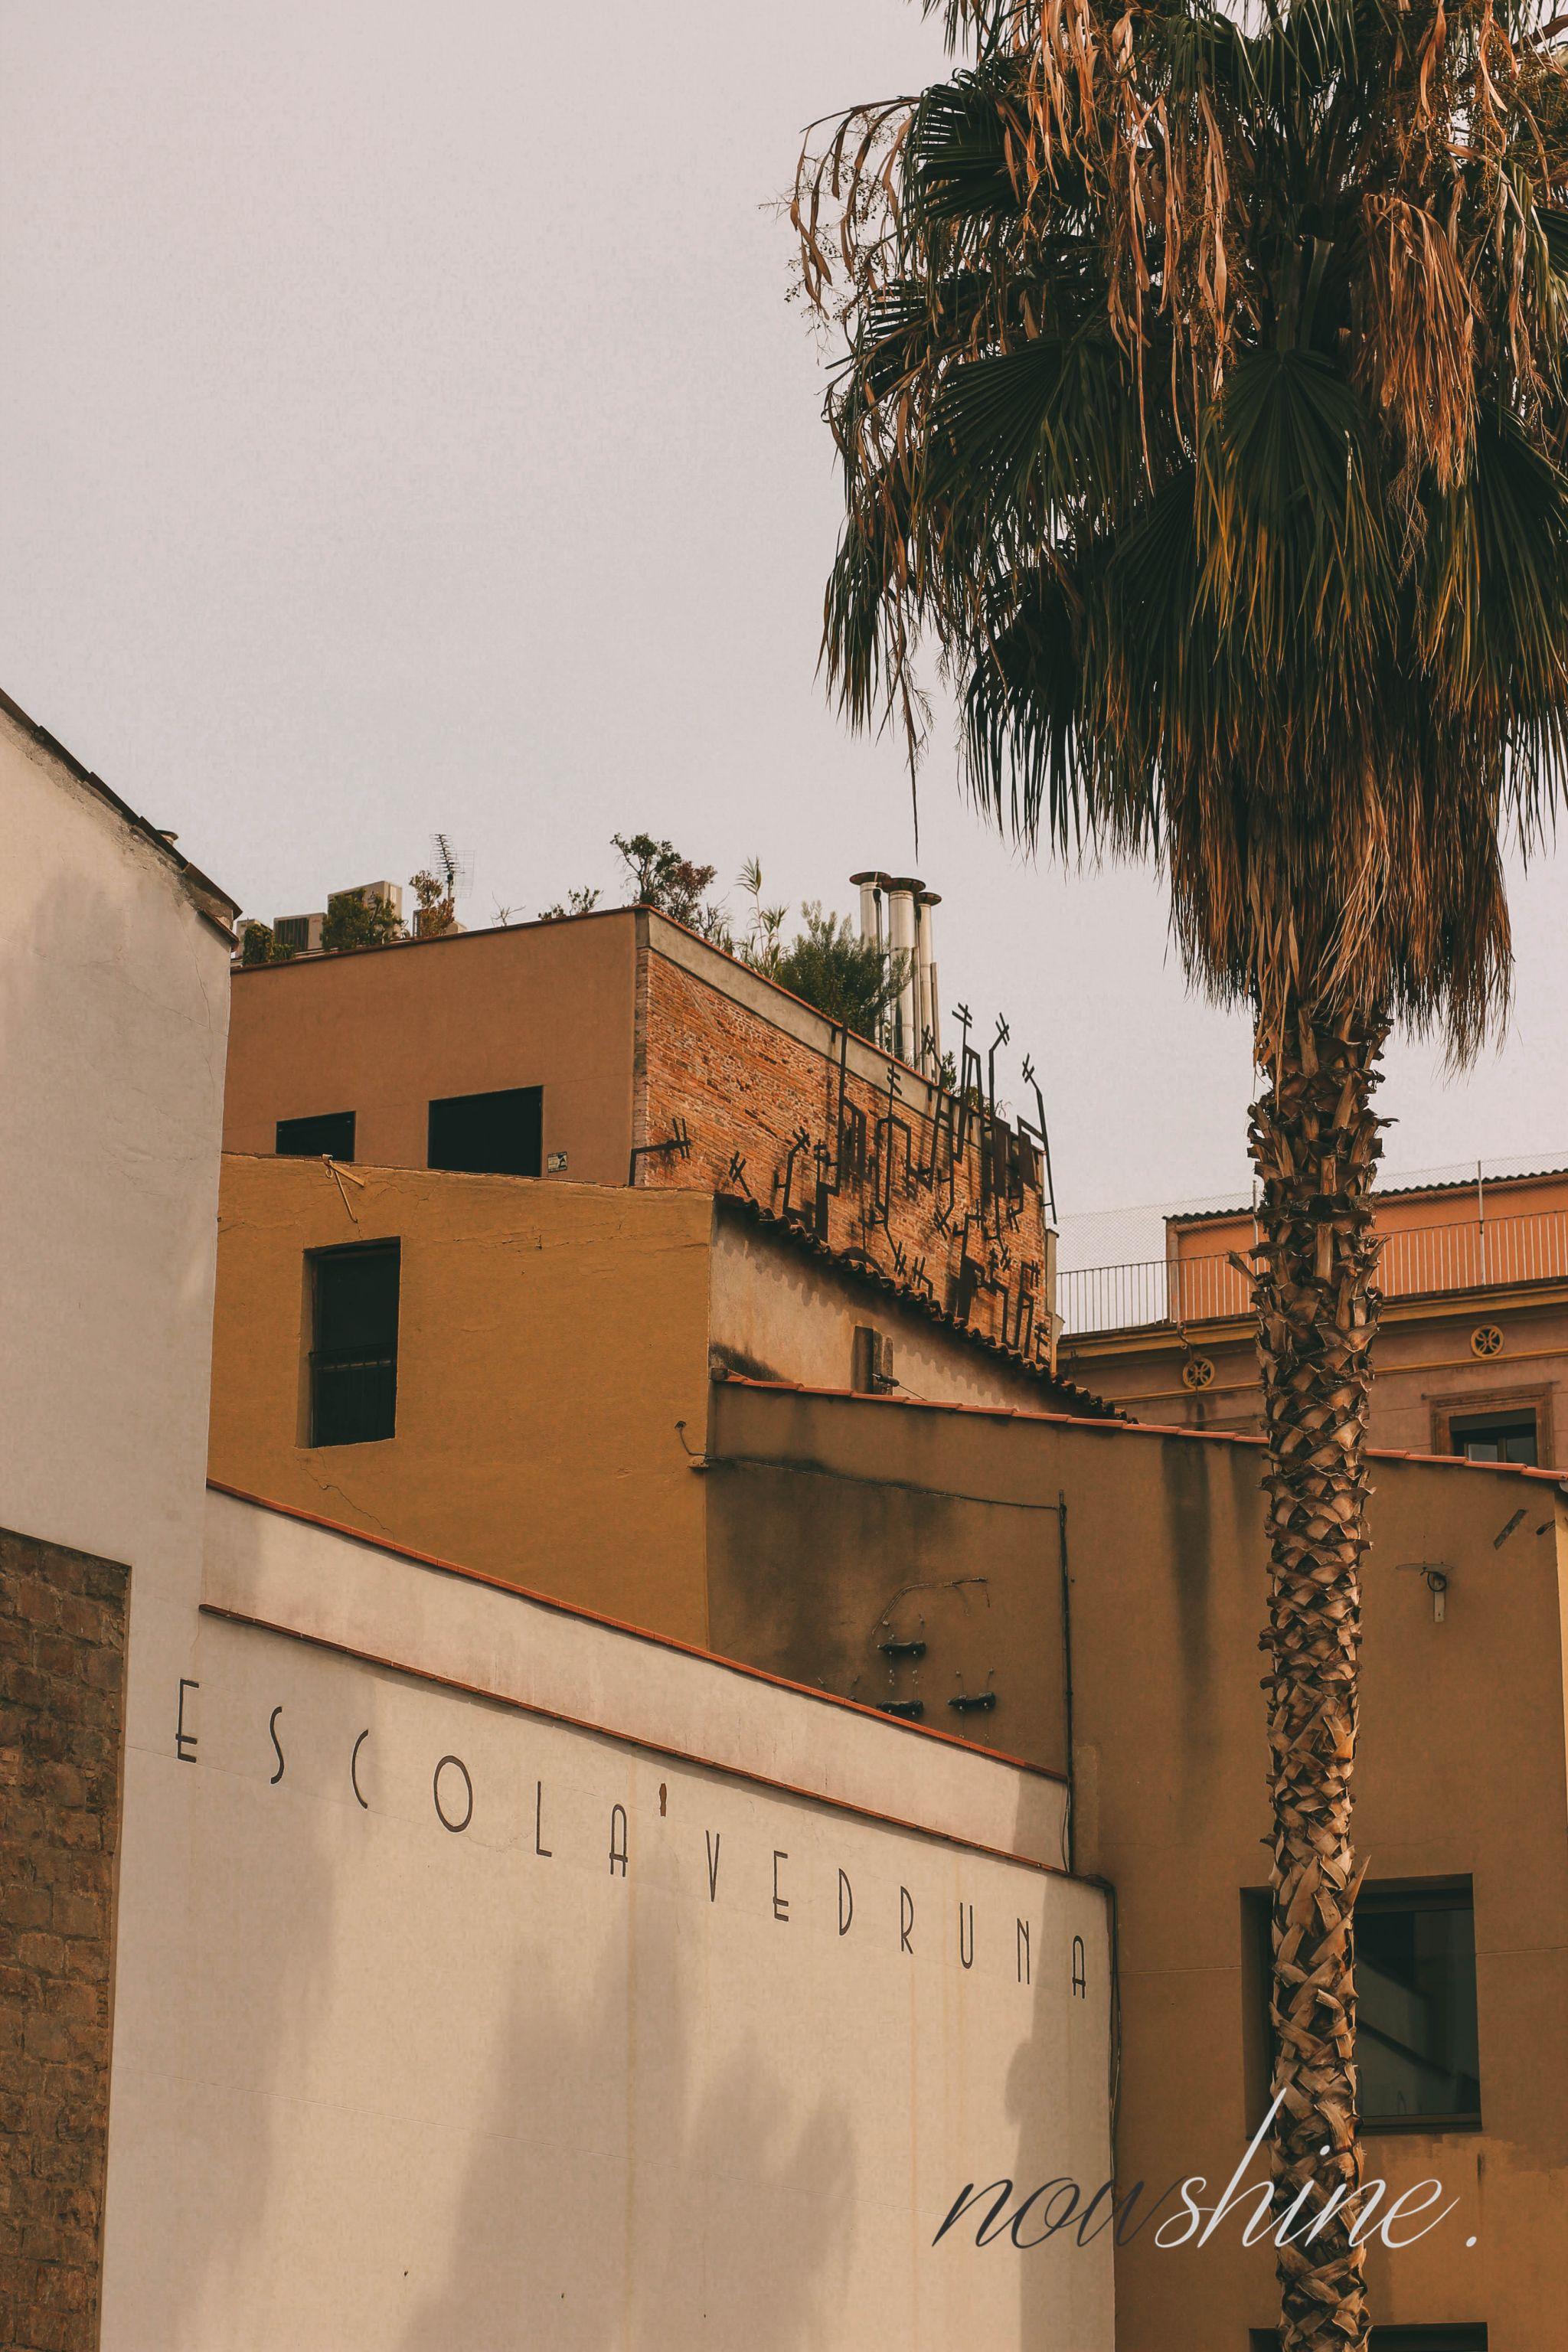 Kurztrip nach Barcelona - Nowshine Reisetipps - Escola Vedruna